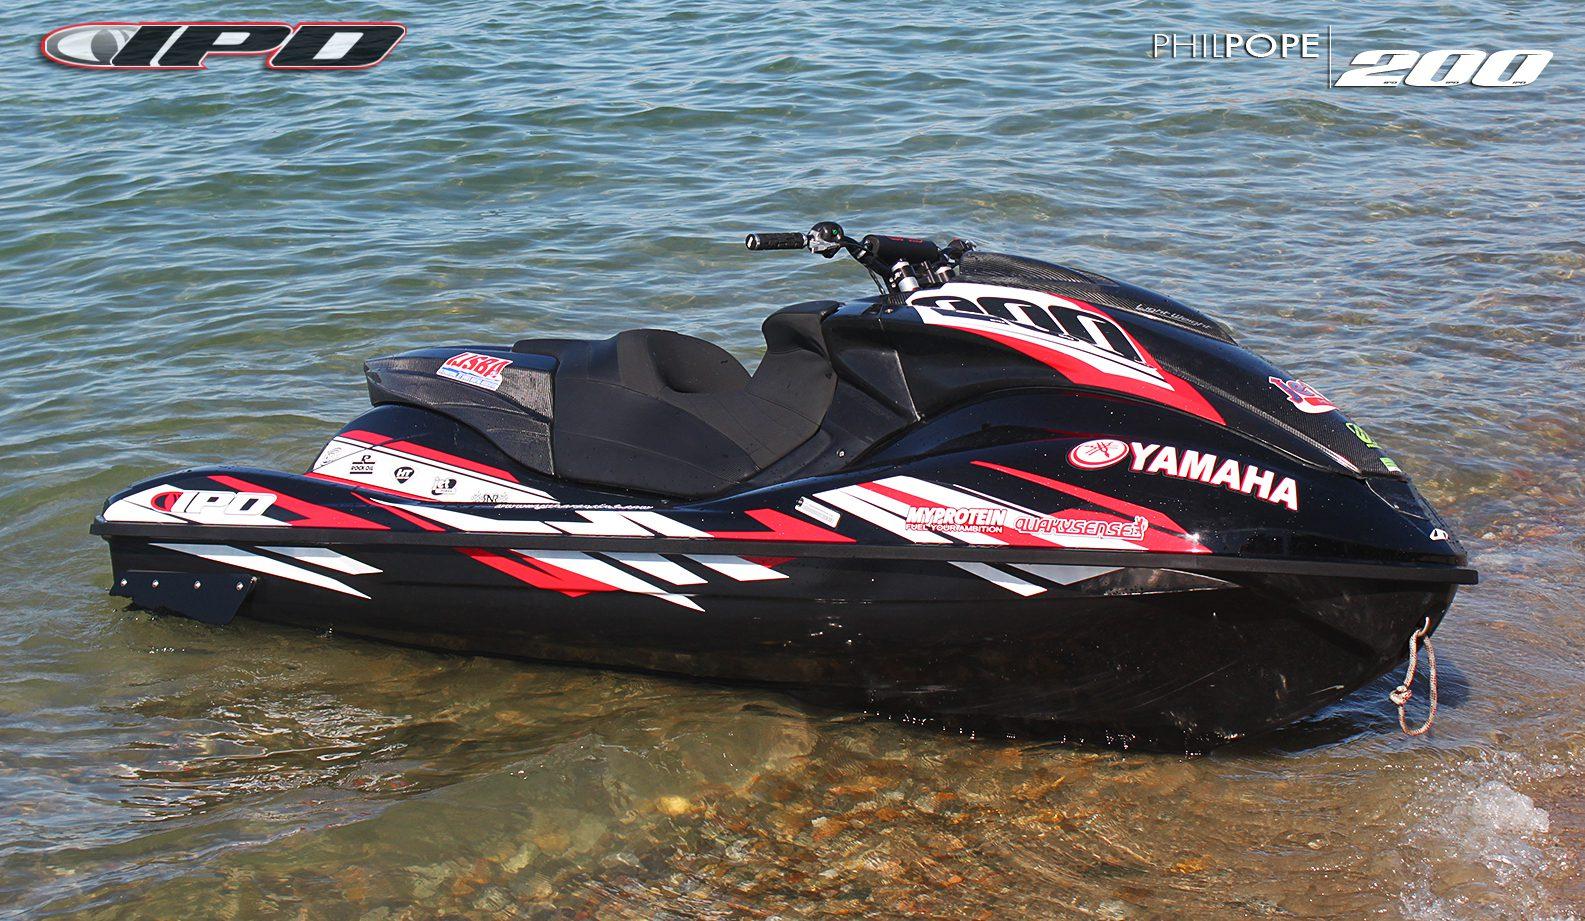 Yamaha fzs fzr graphics gallery ipd jet ski graphics for Jet ski prices yamaha